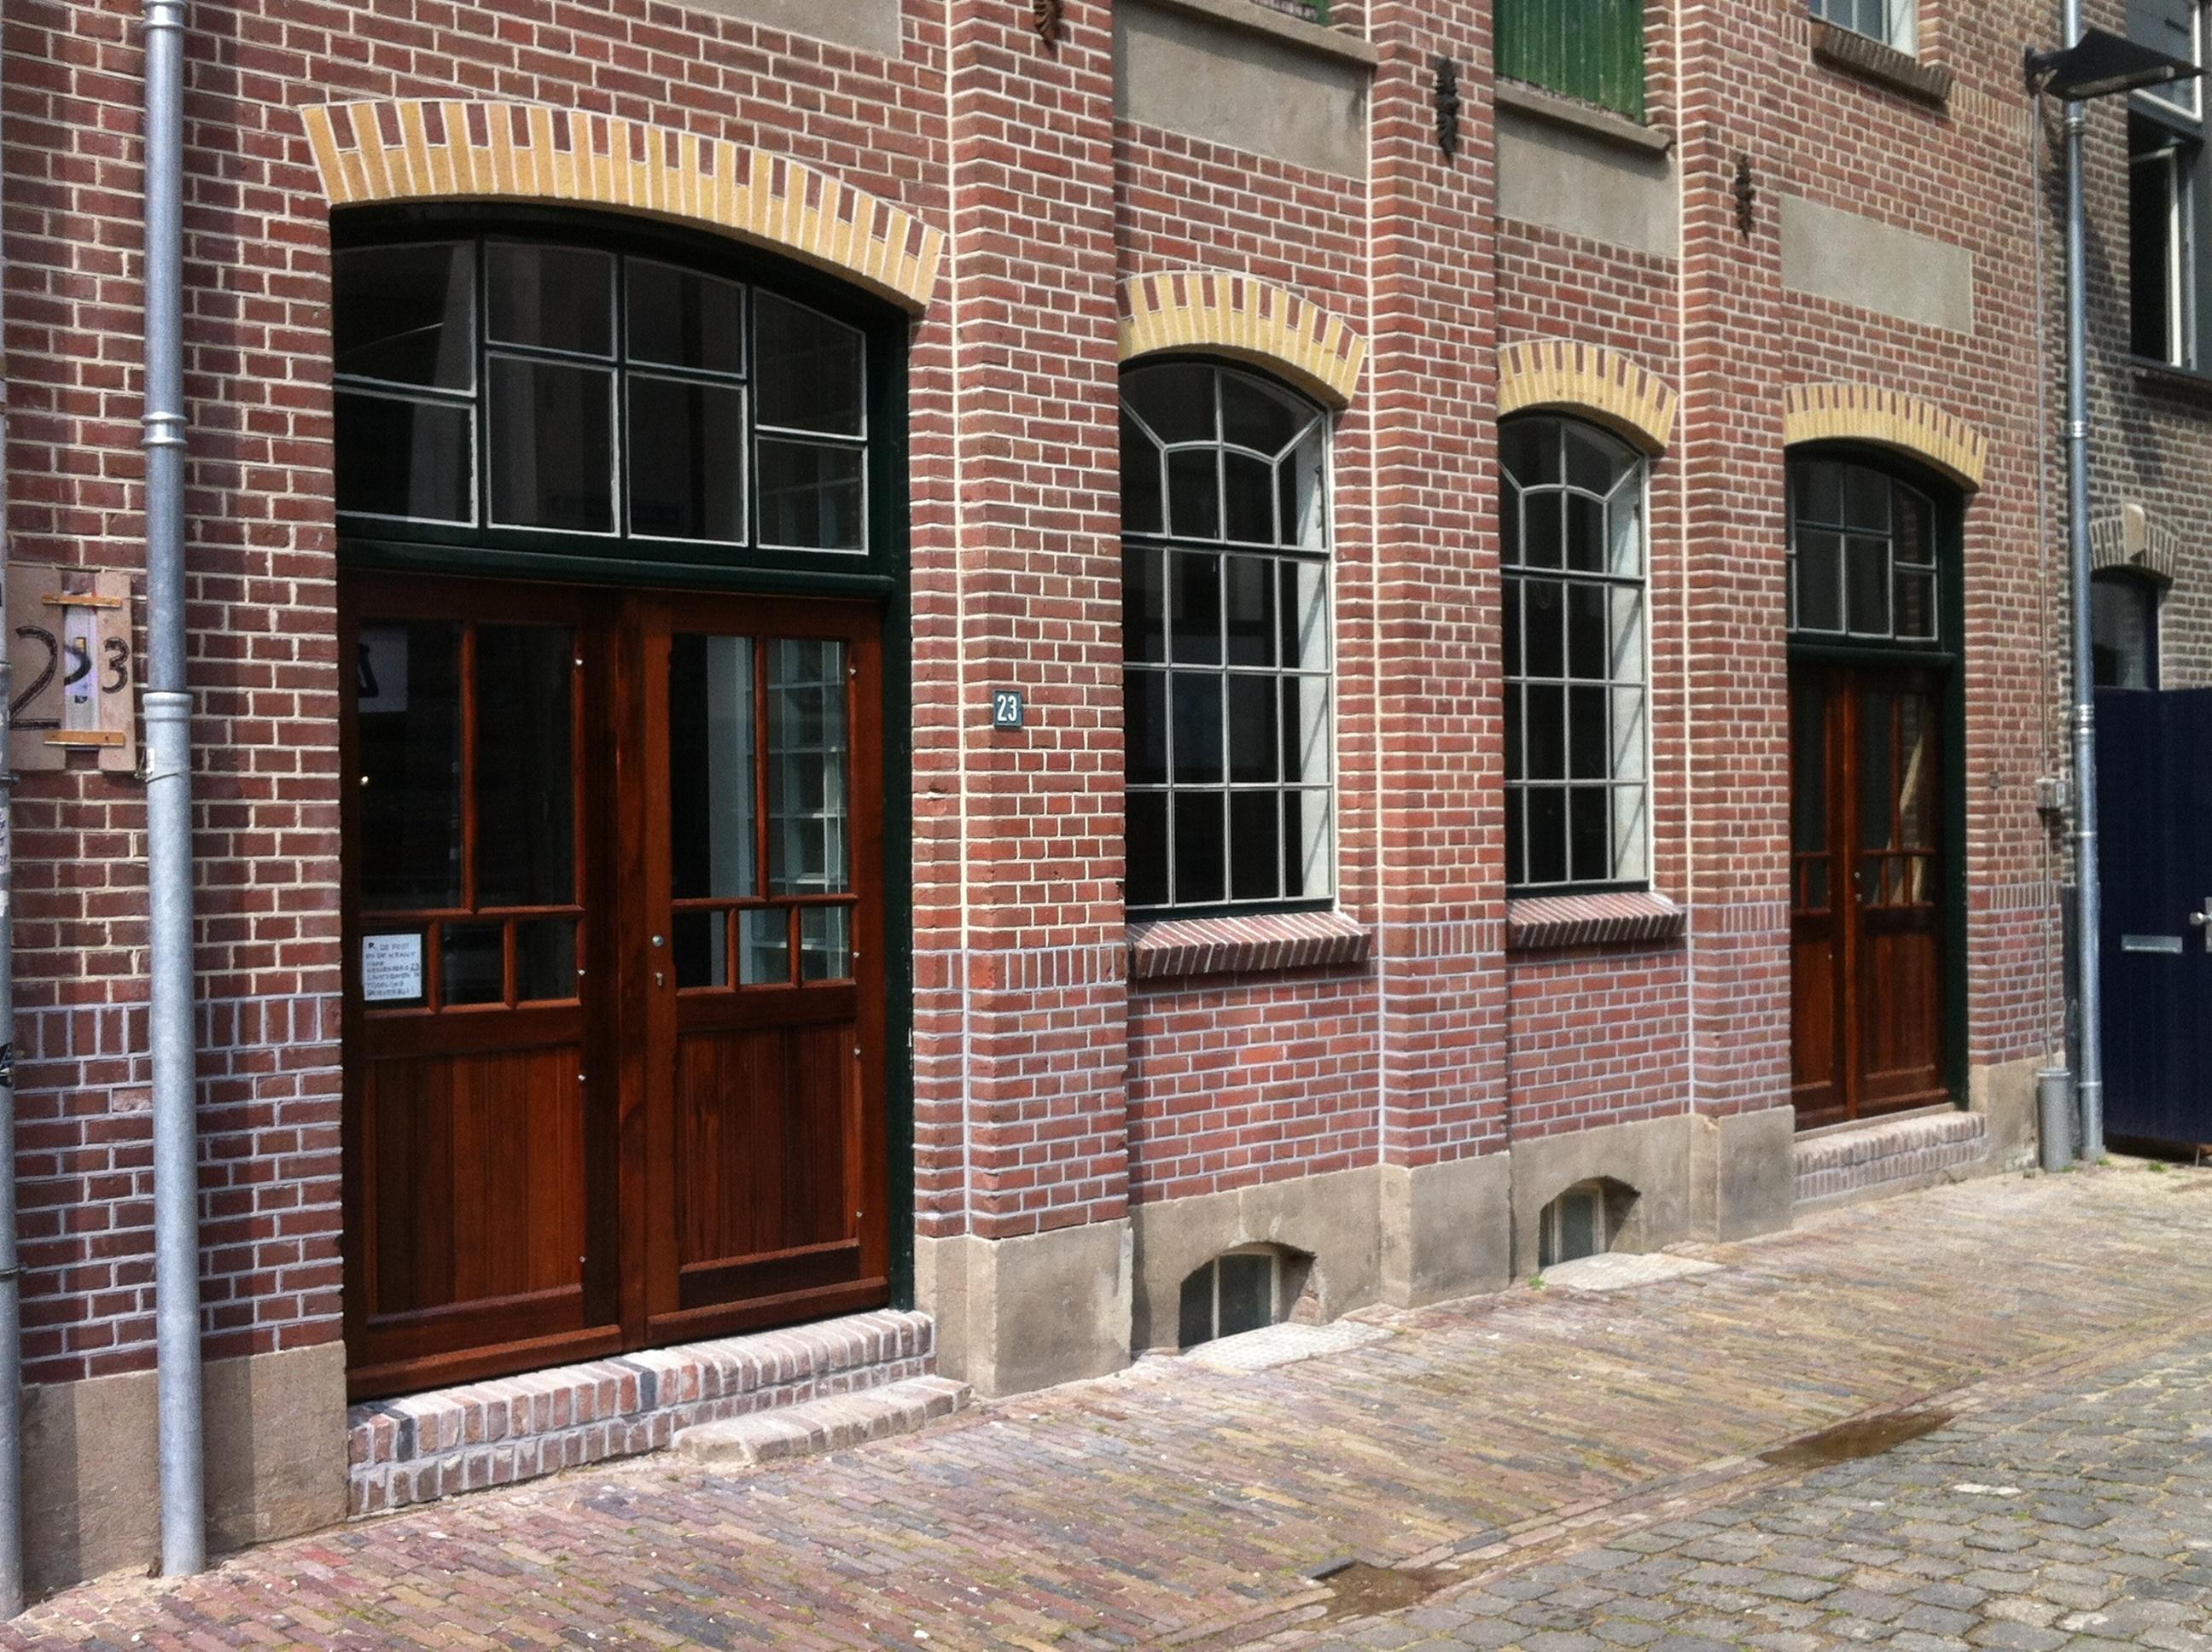 Winkelpui Langehezelstraat Nijmegen